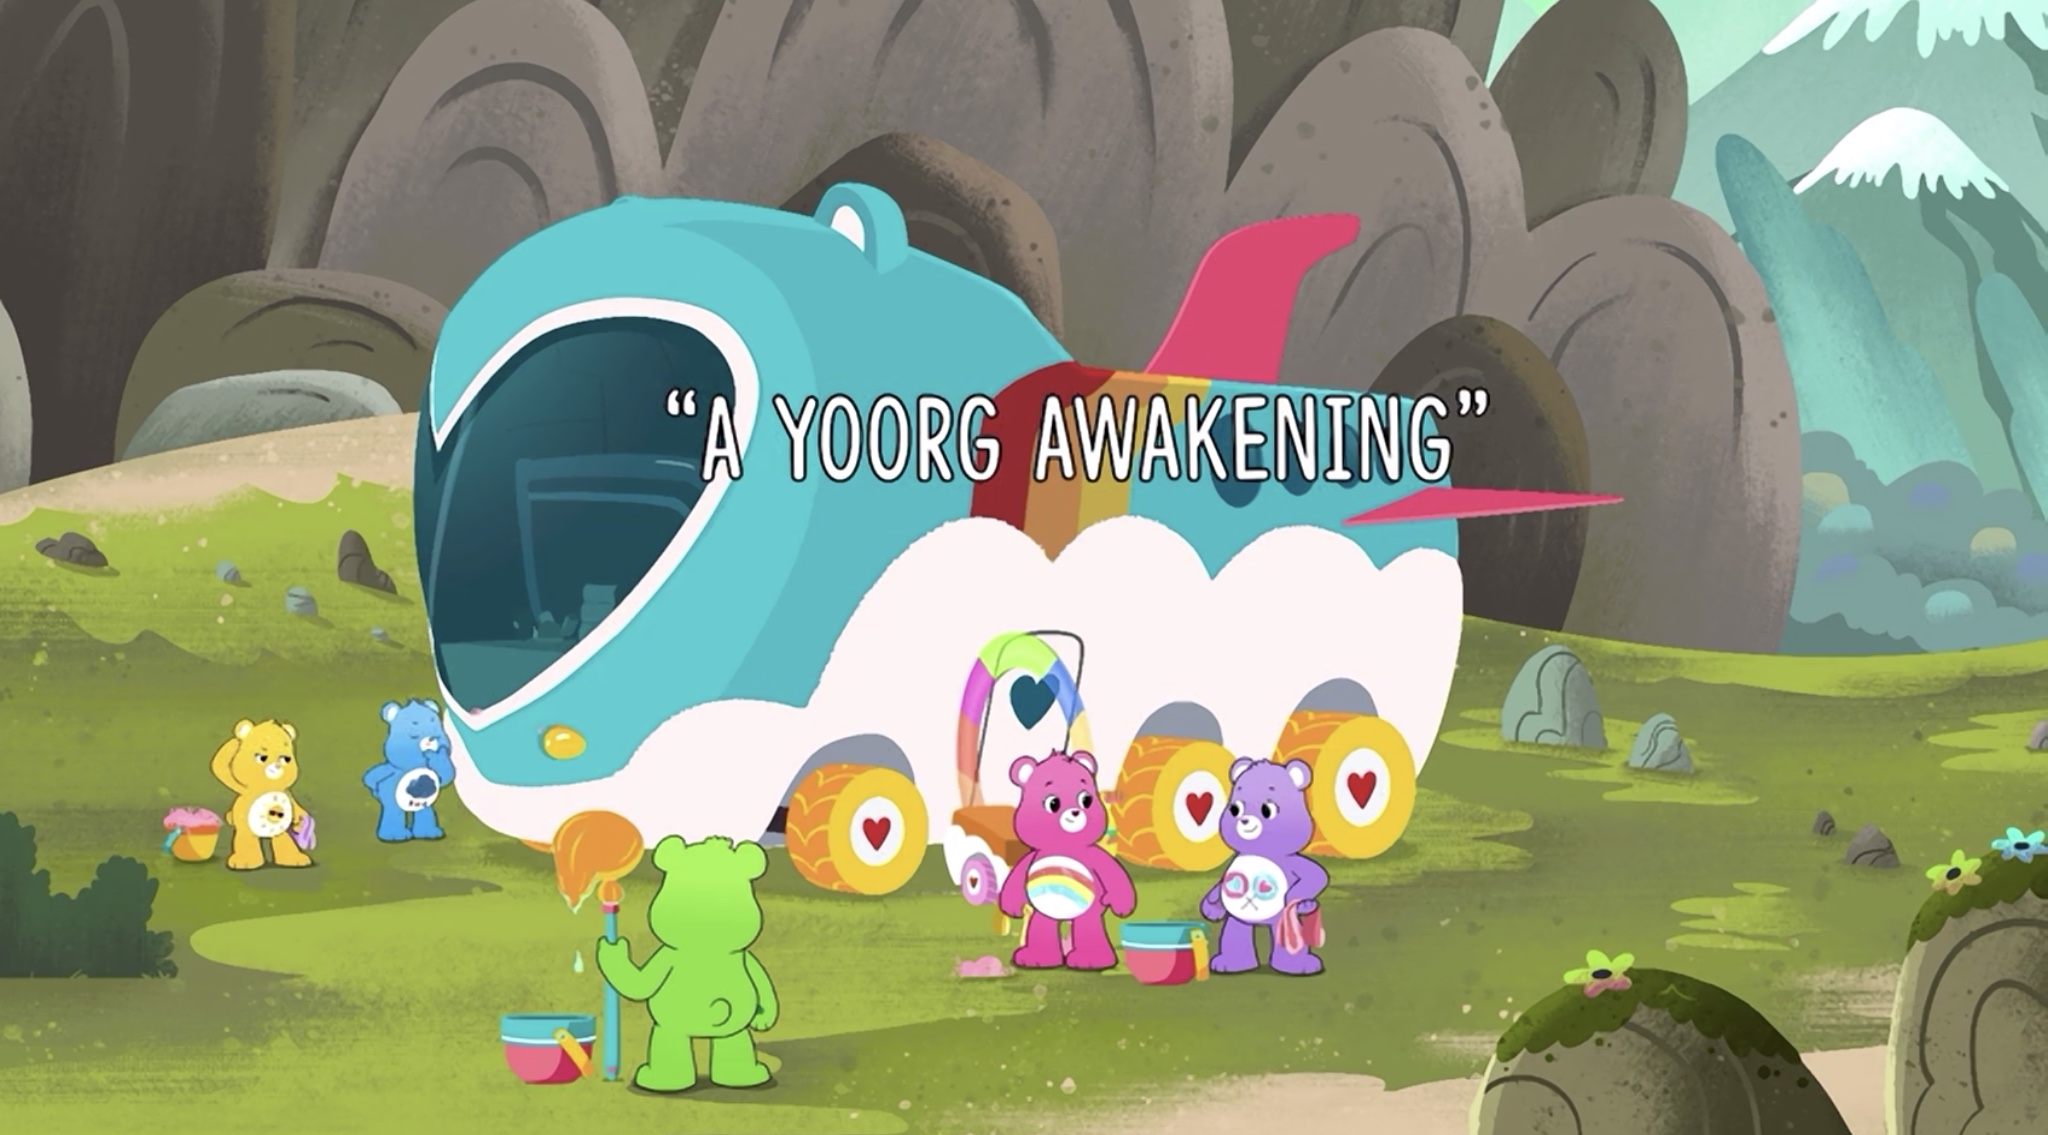 A Yoorg Awakening